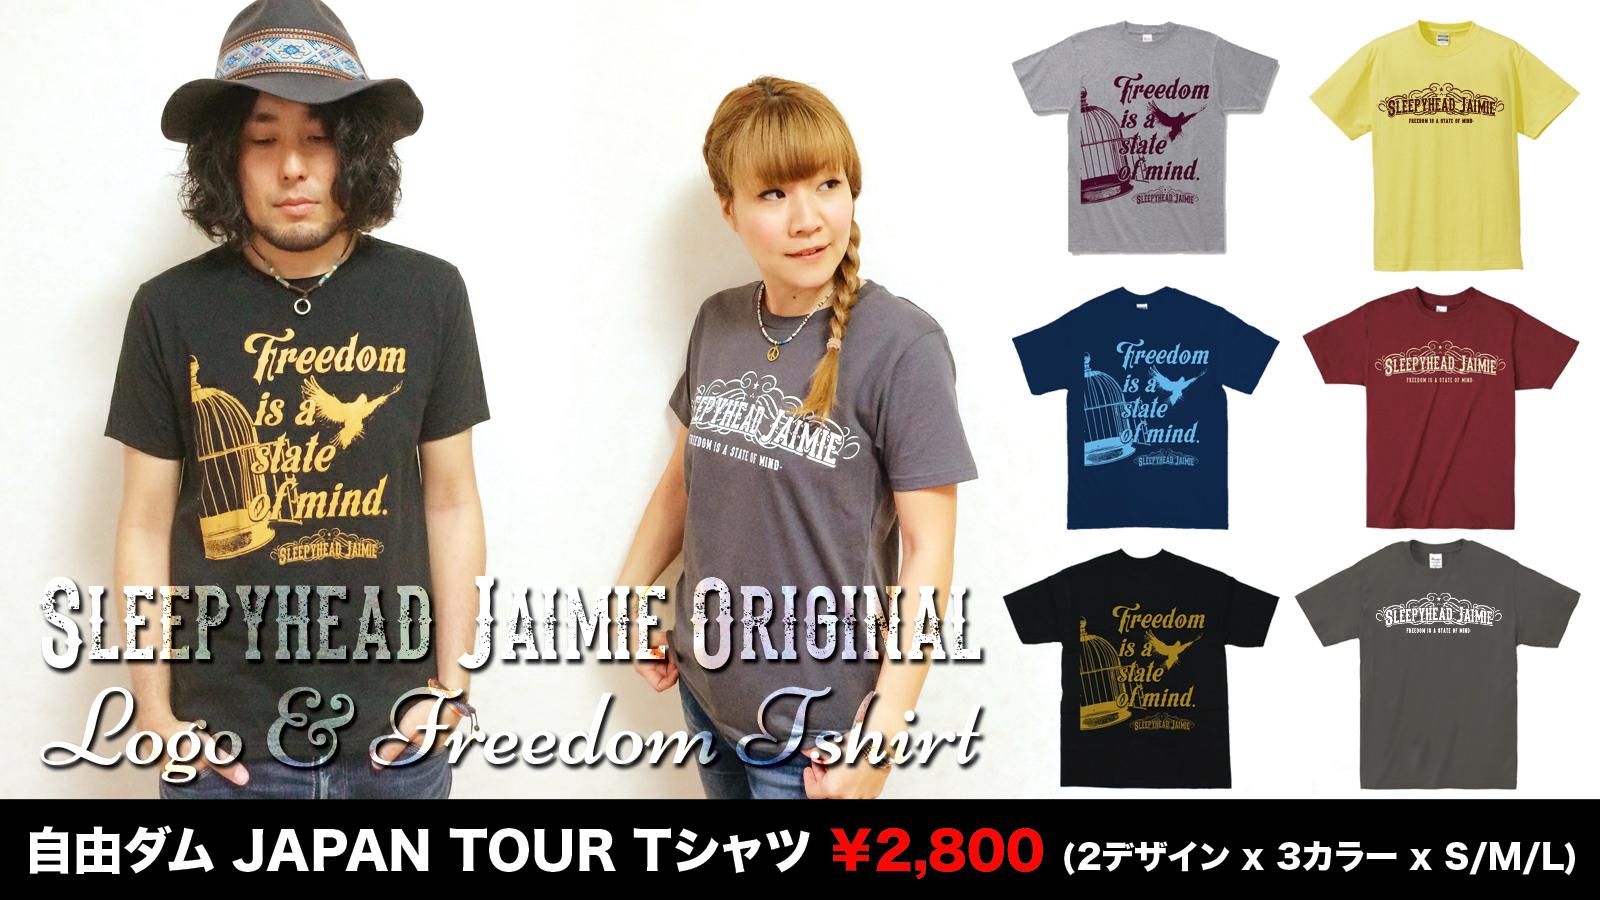 自由ダム JAPAN TOUR 新作Tシャツ通販スタート!